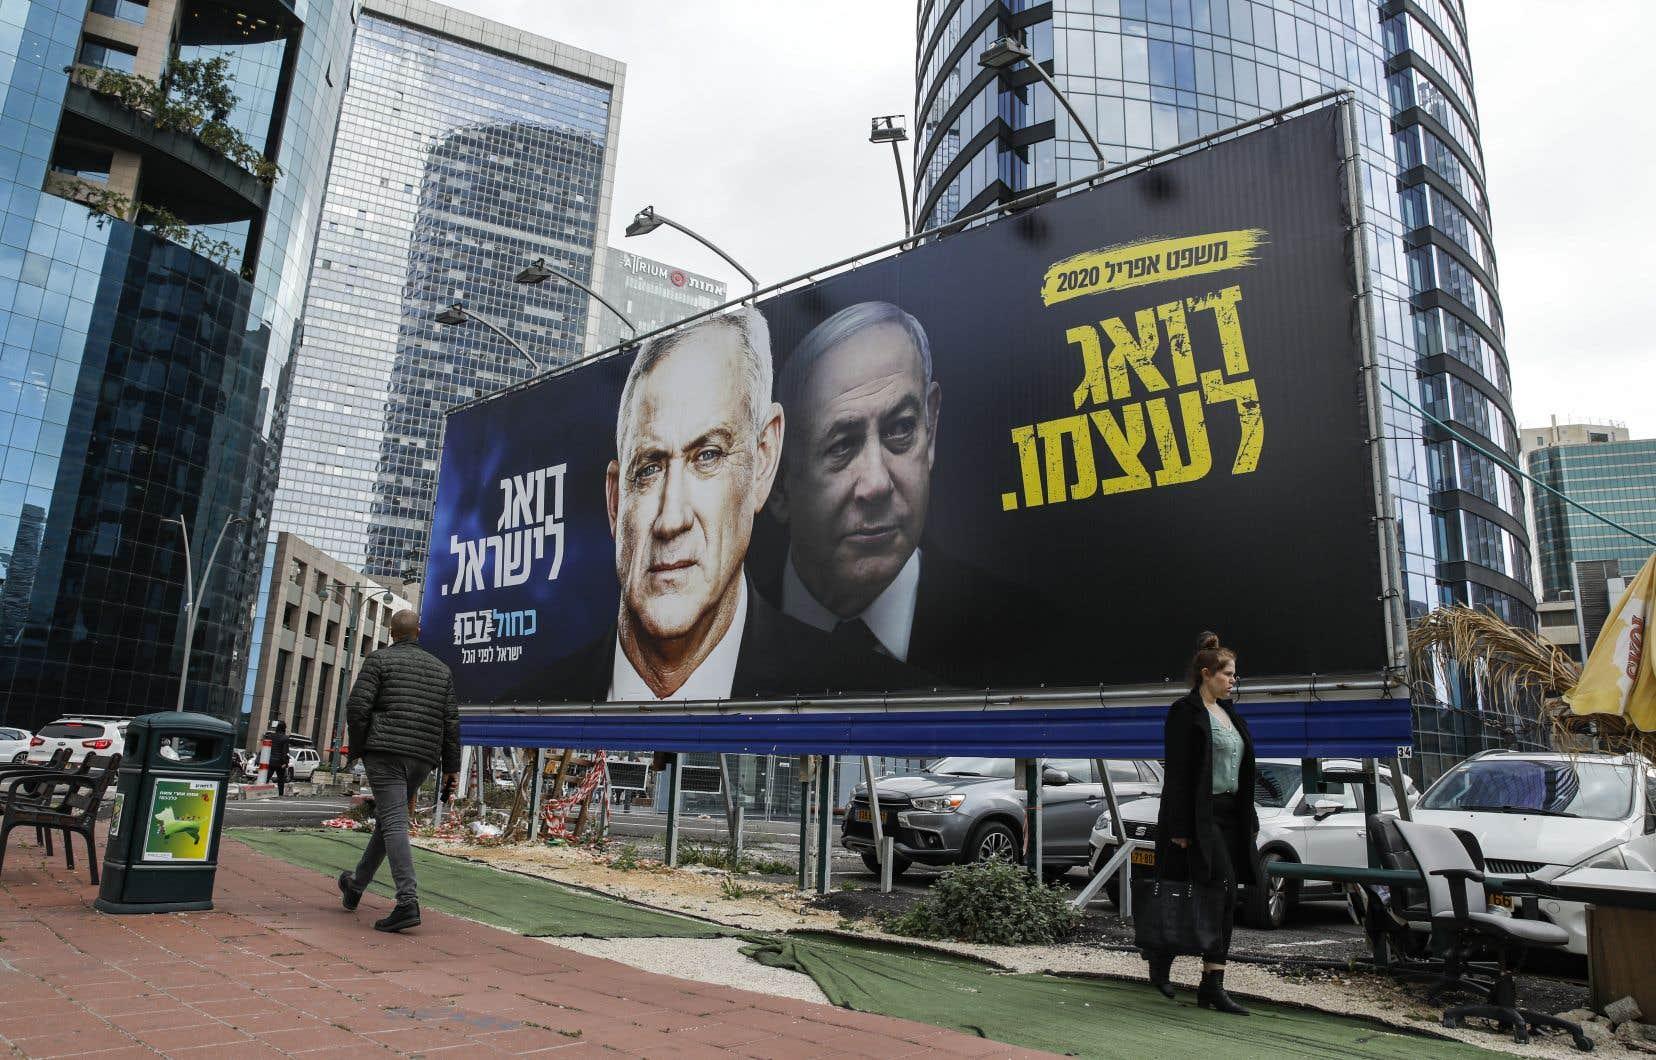 Mardi, les deux camps se sont rencontrés à Jérusalem avec leurs négociateurs respectifs pour tenter de former un gouvernement «d'union nationale et d'urgence».